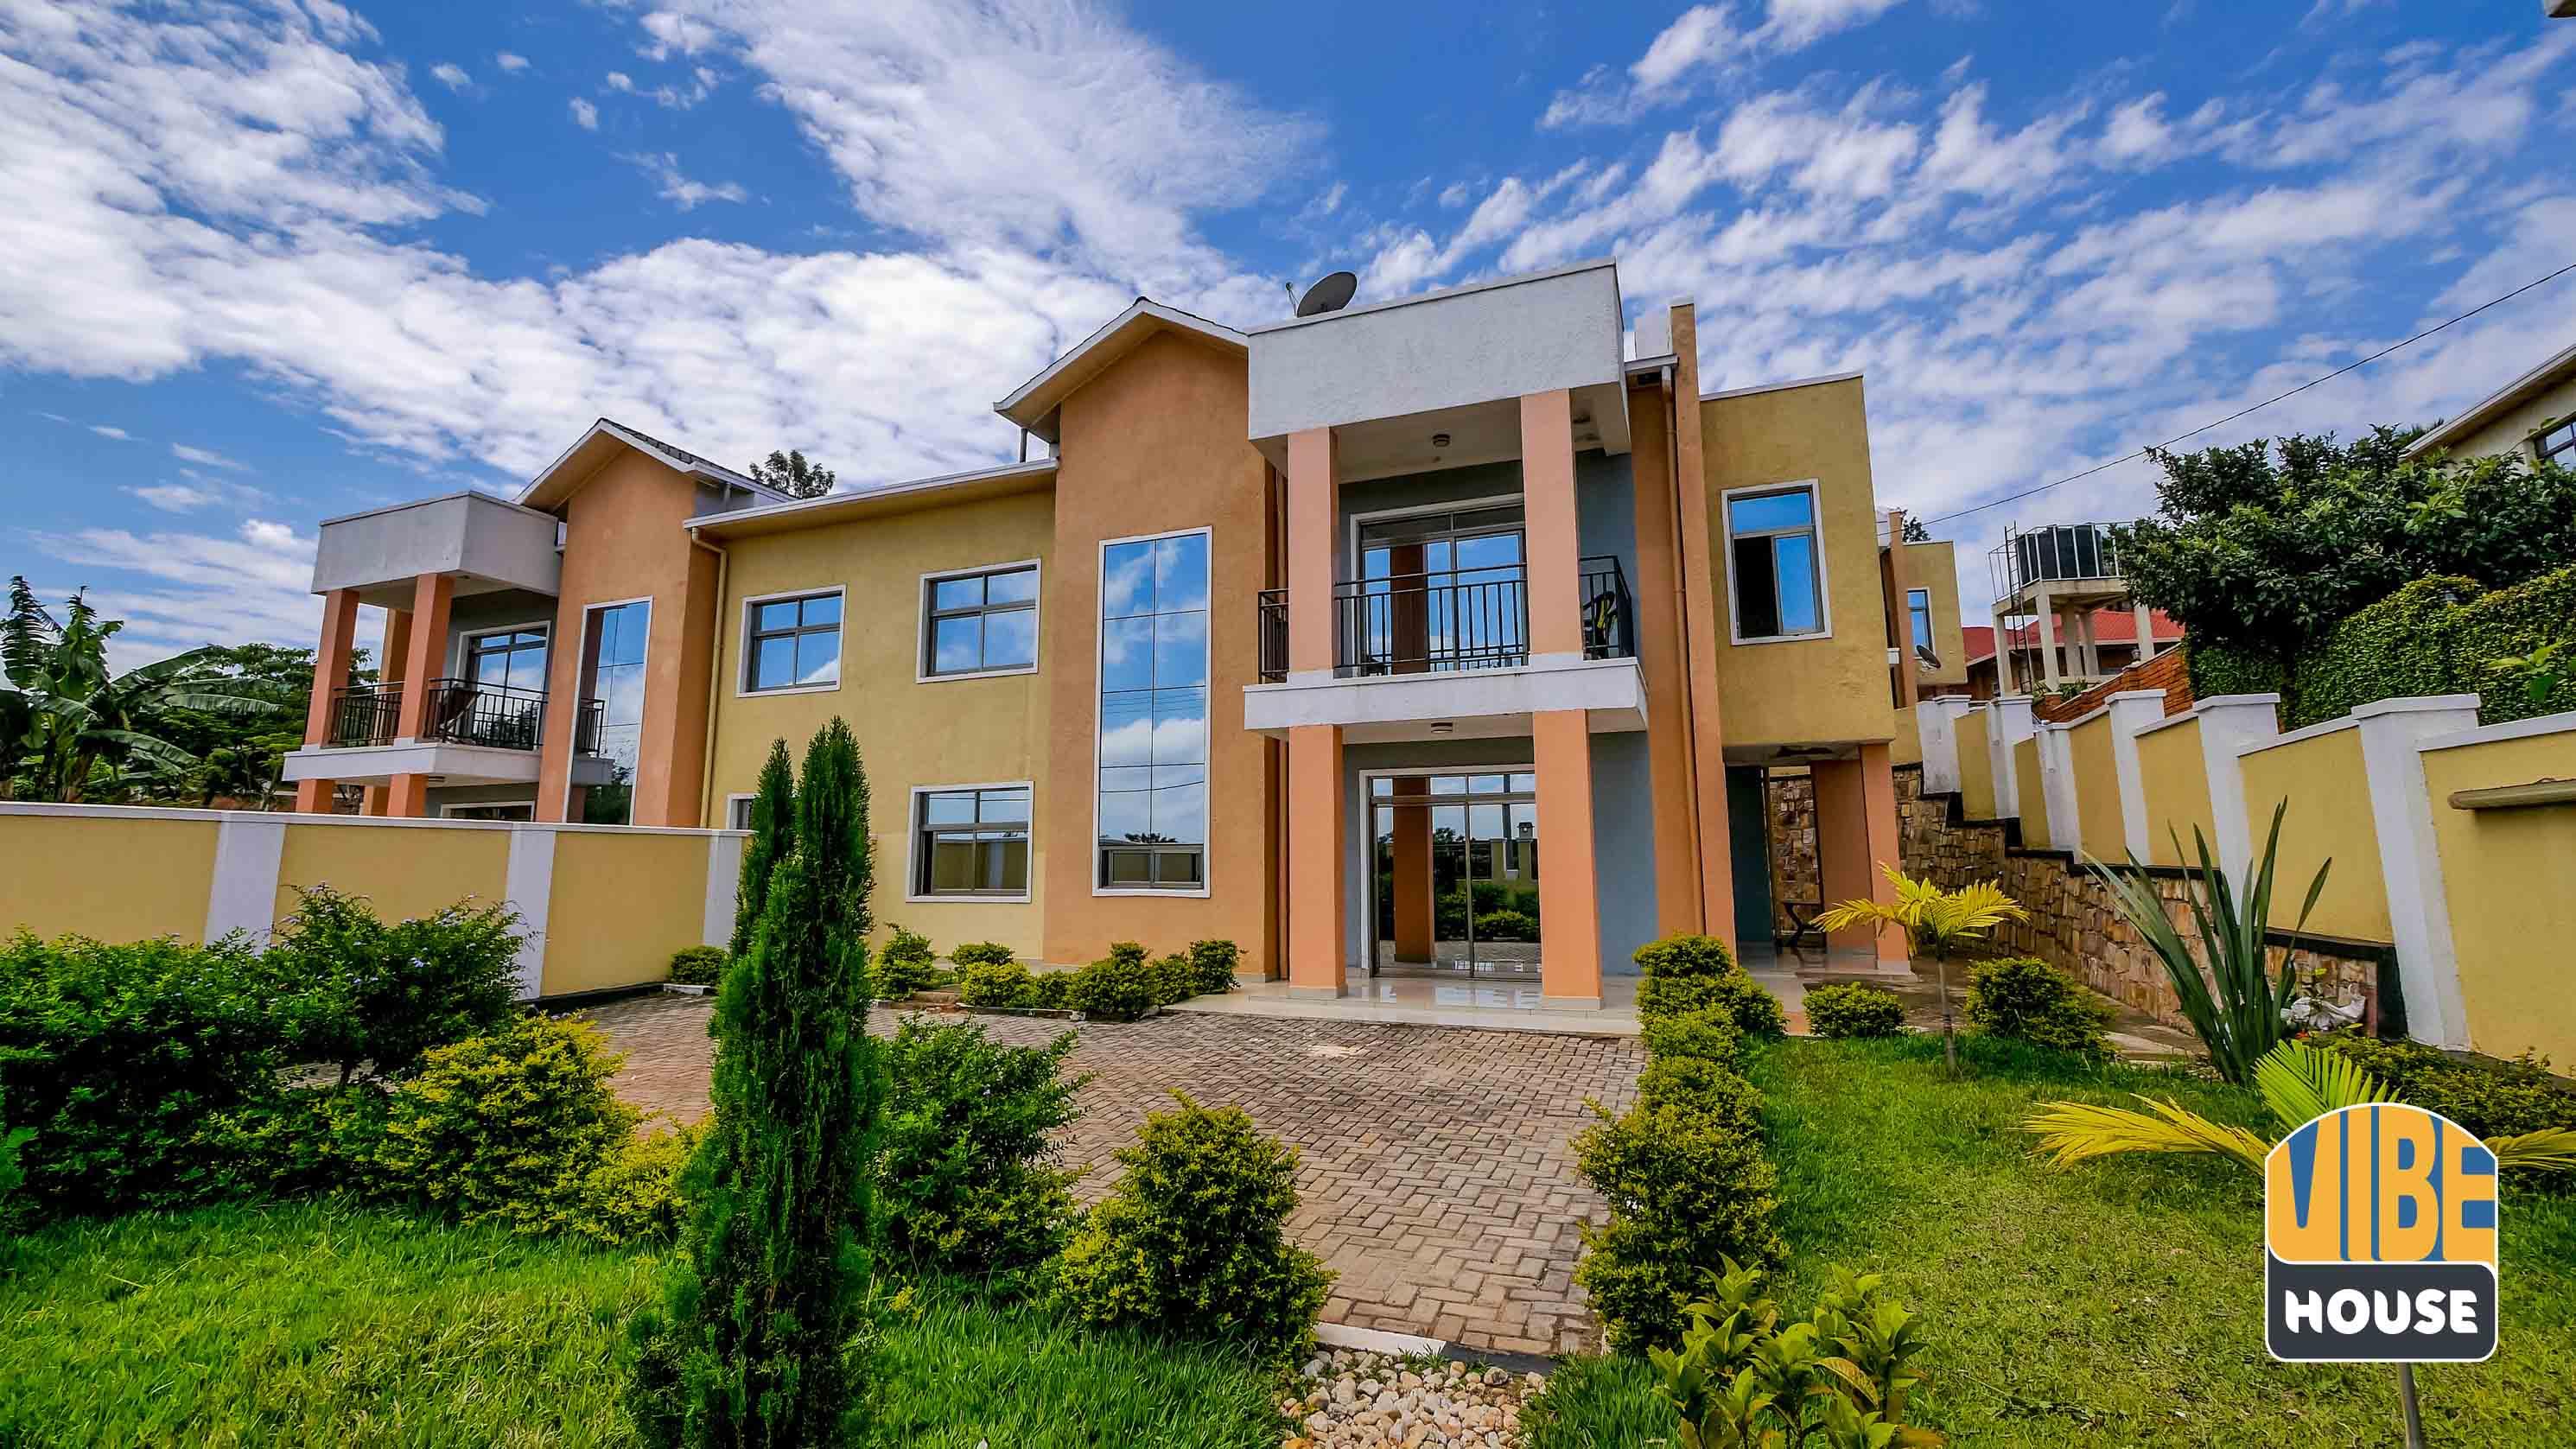 House For Sale Kigali Kicukiro 19 03 11 2 2